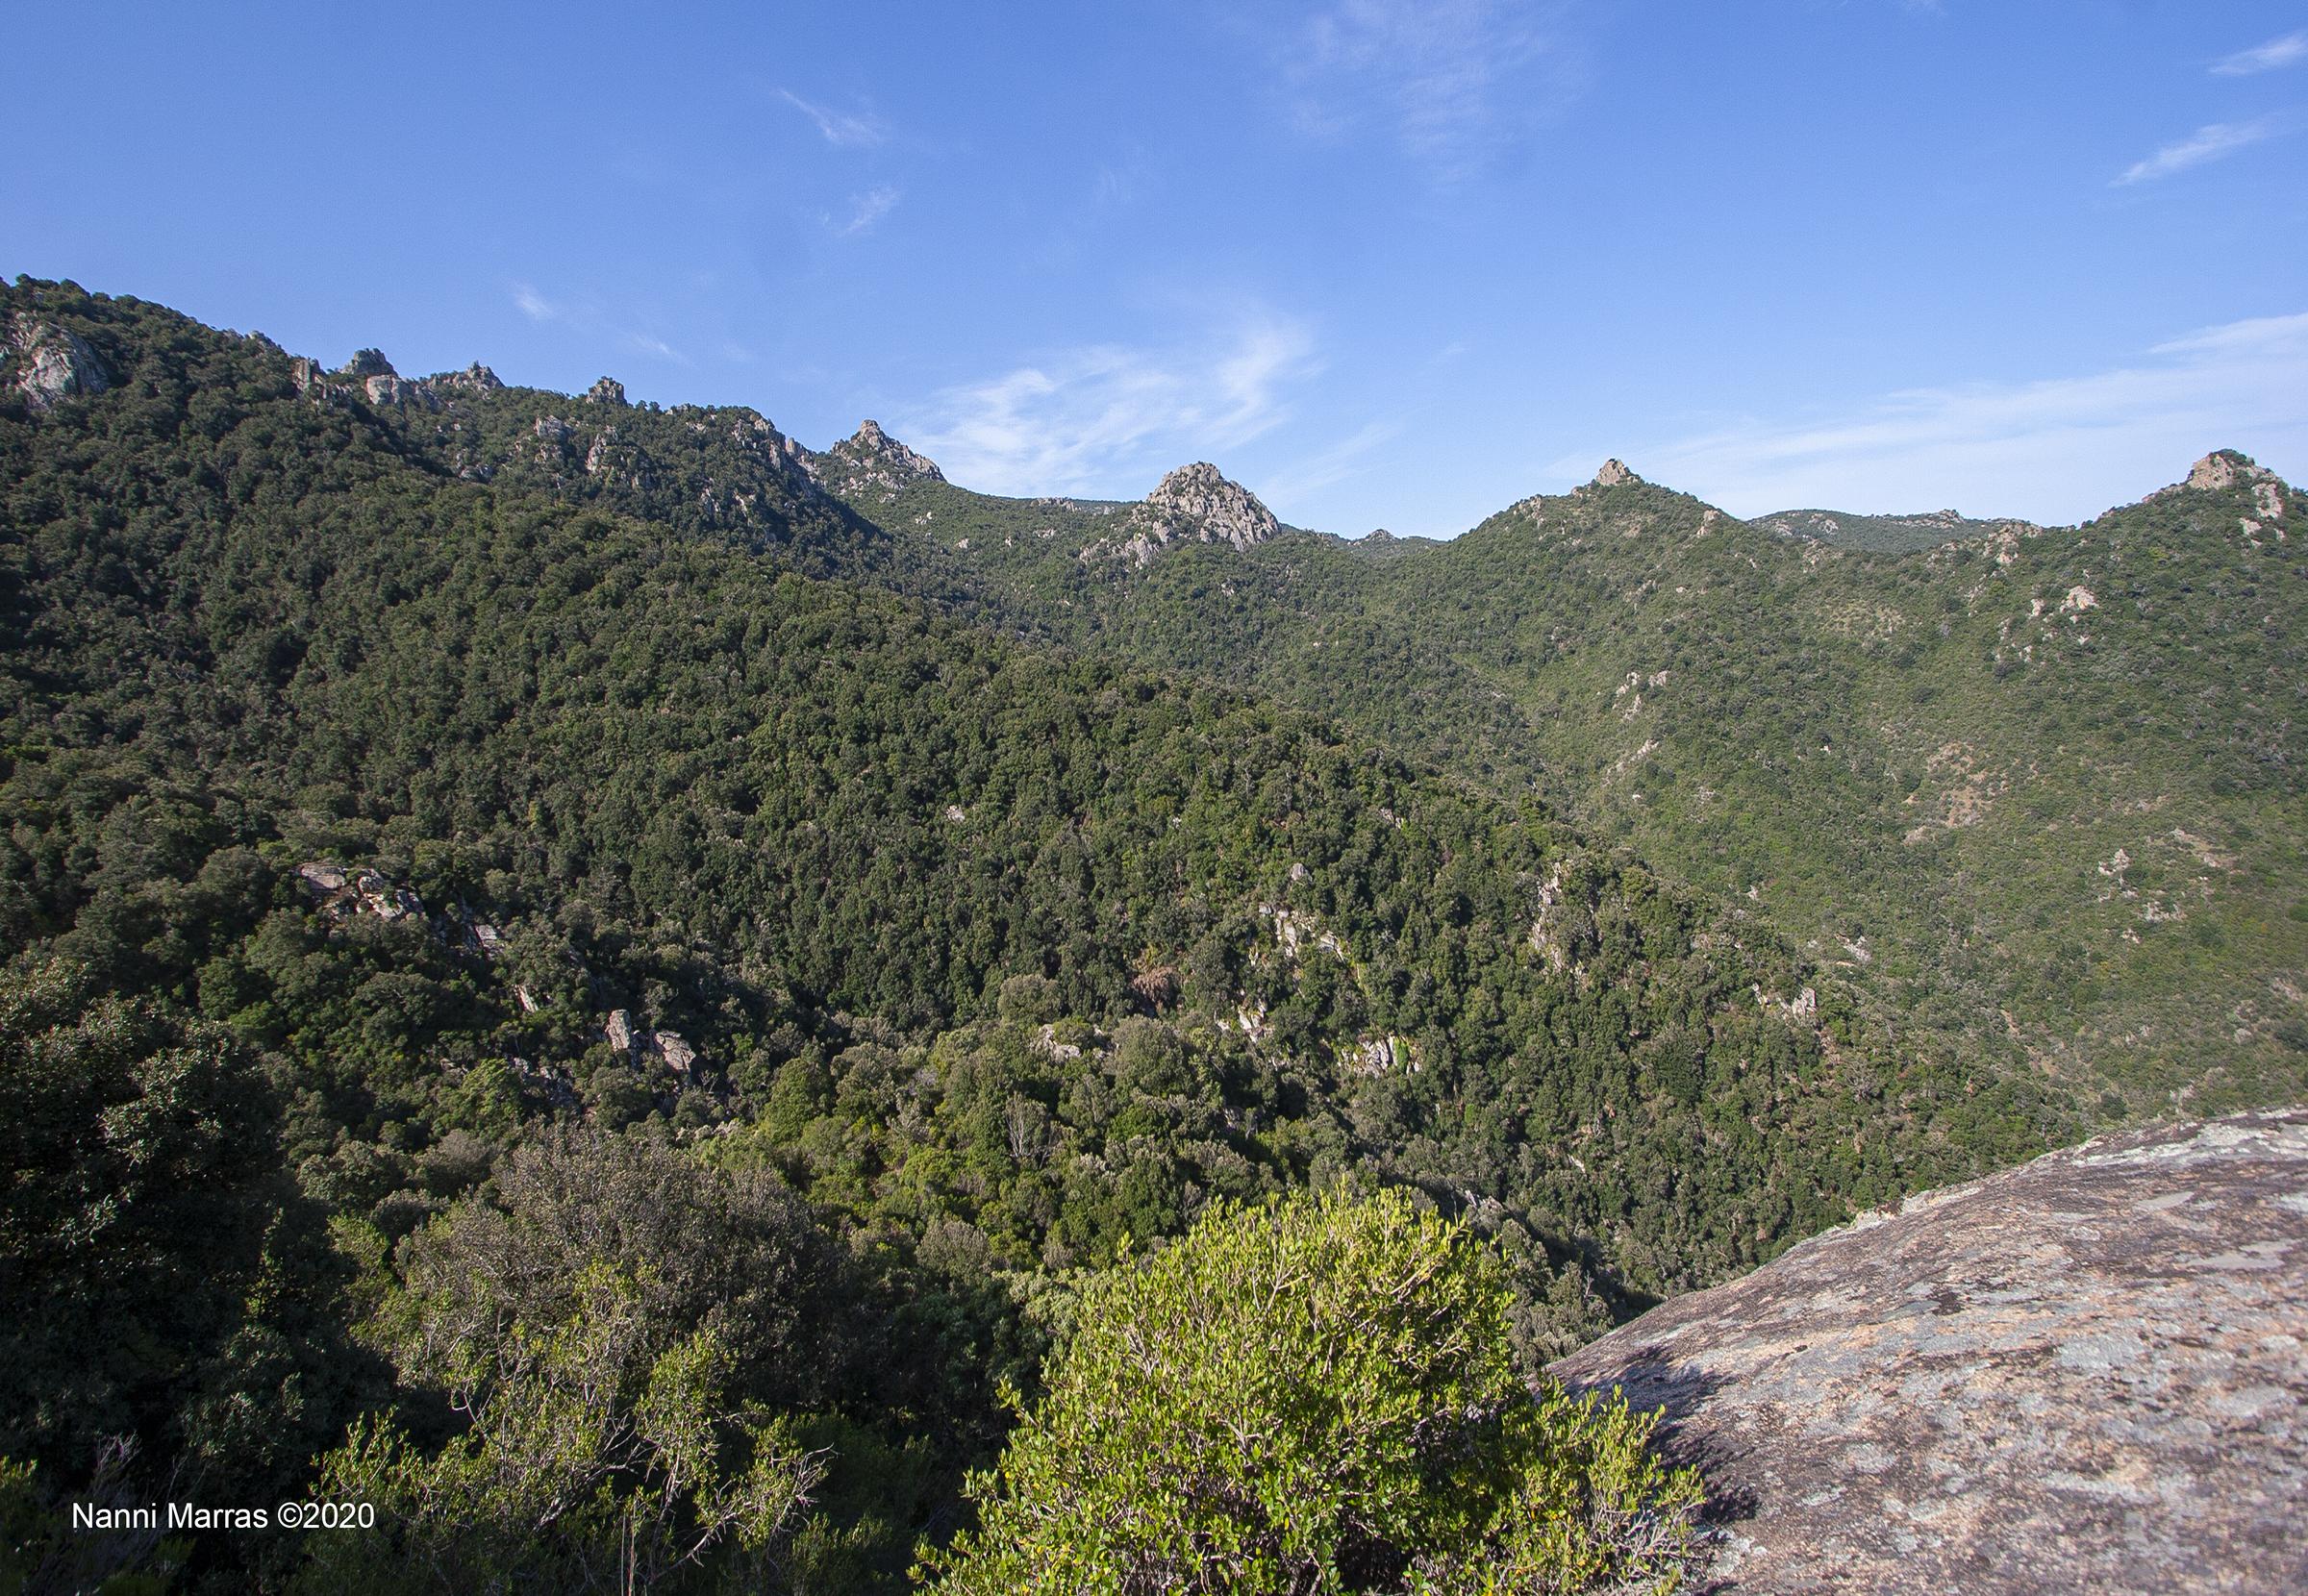 L'Oasi di Assai nel cuore della Sardegna ©Nanni Marras